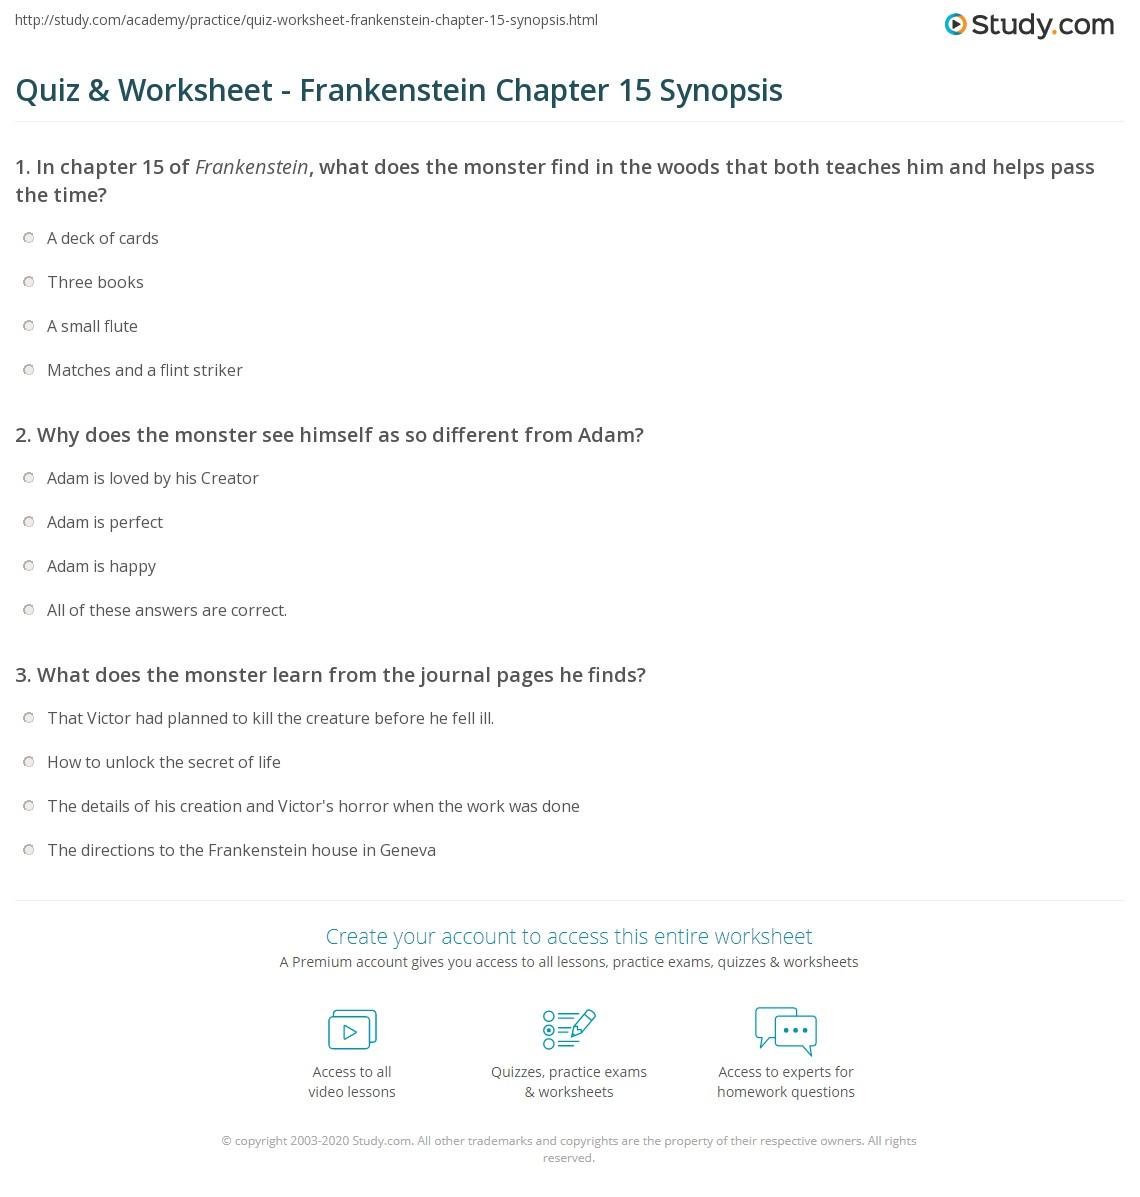 quiz worksheet frankenstein chapter 15 synopsis study com rh study com Frankenstein Reading Guide Questions Answers Frankenstein Study Guide for Questions